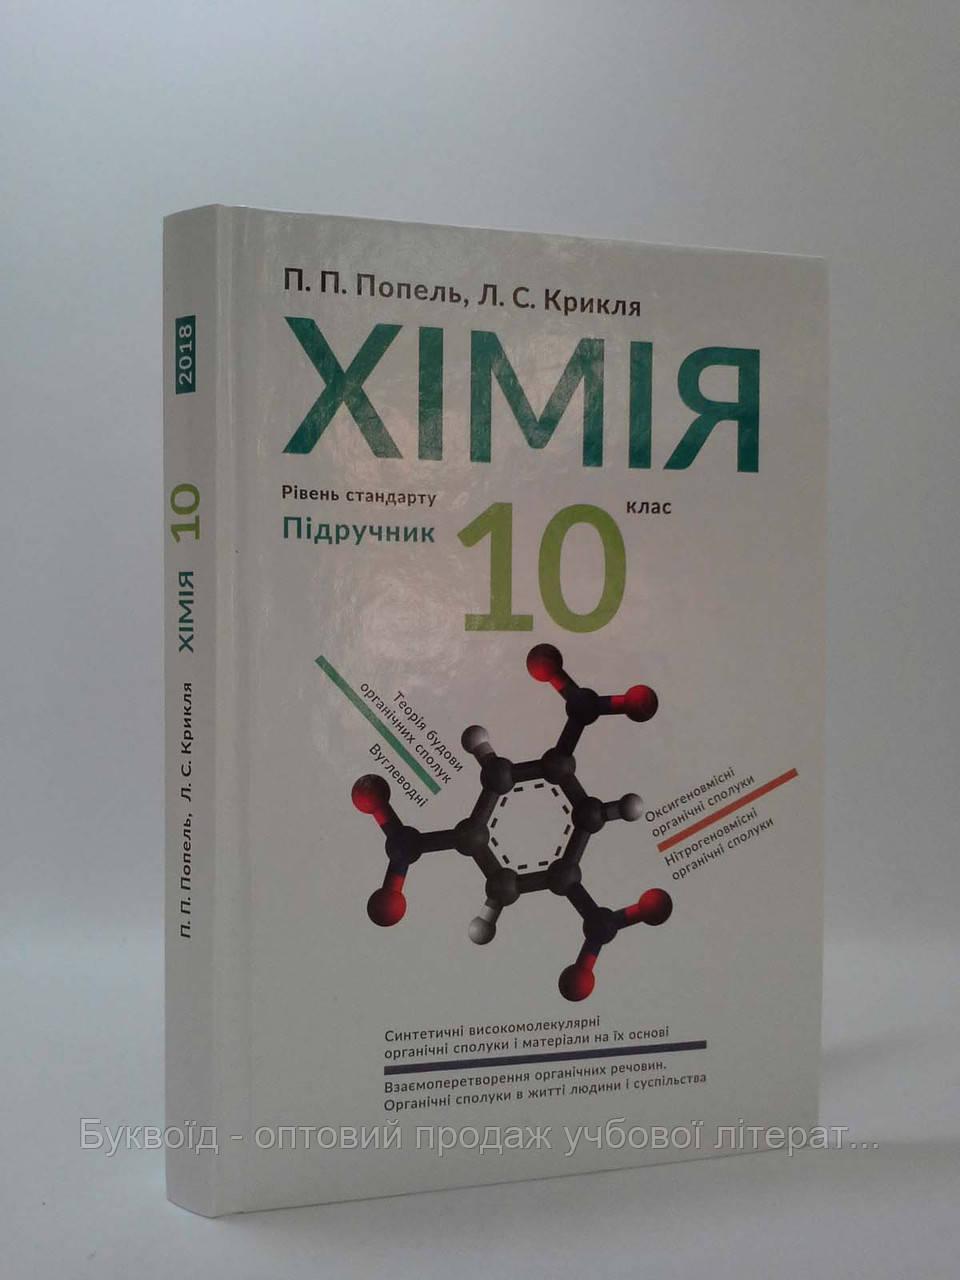 10 клас Хімія Попель Крикля Академія, фото 1